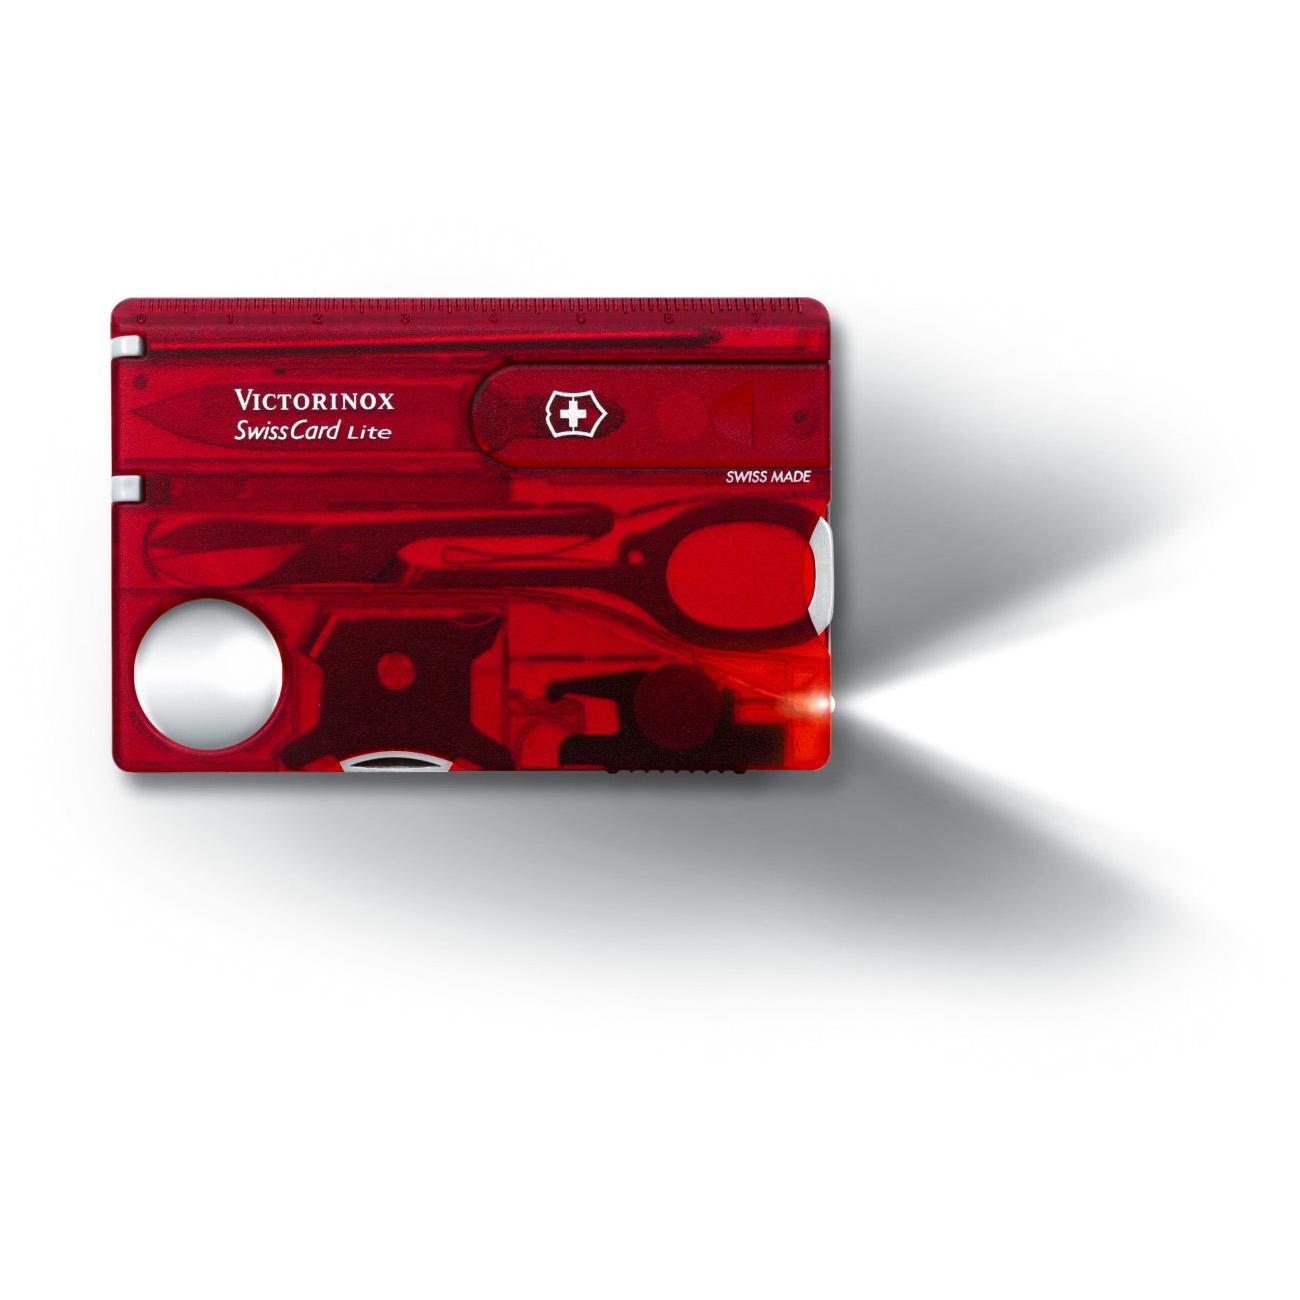 Victorinox Swiss Army Swisscard Lite Wallet Multi Tool - Fire Orange - 53331